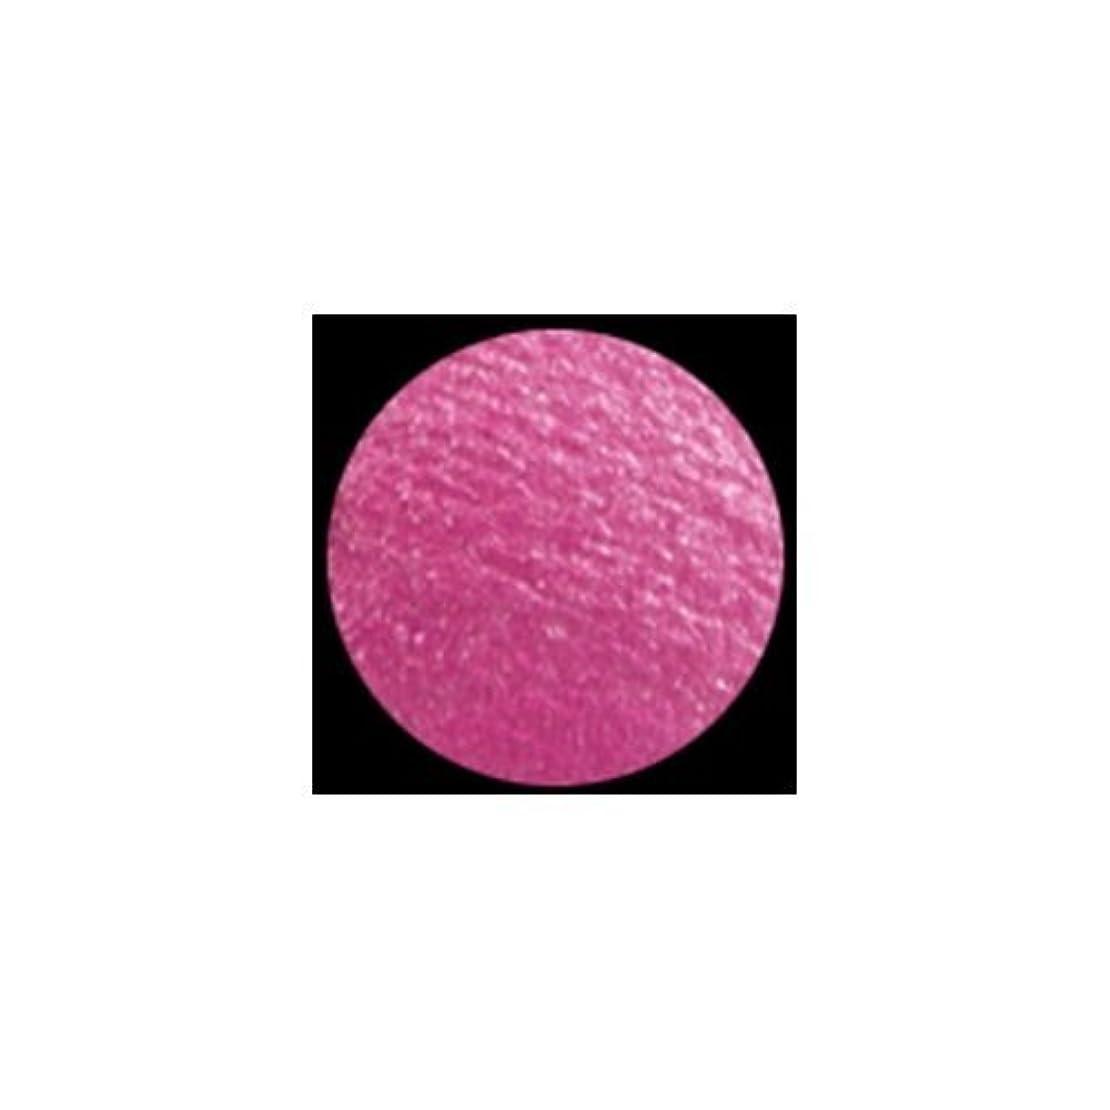 かなり明日キャラクターKLEANCOLOR American Eyedol (Wet/Dry Baked Eyeshadow) - Matte Pink (並行輸入品)